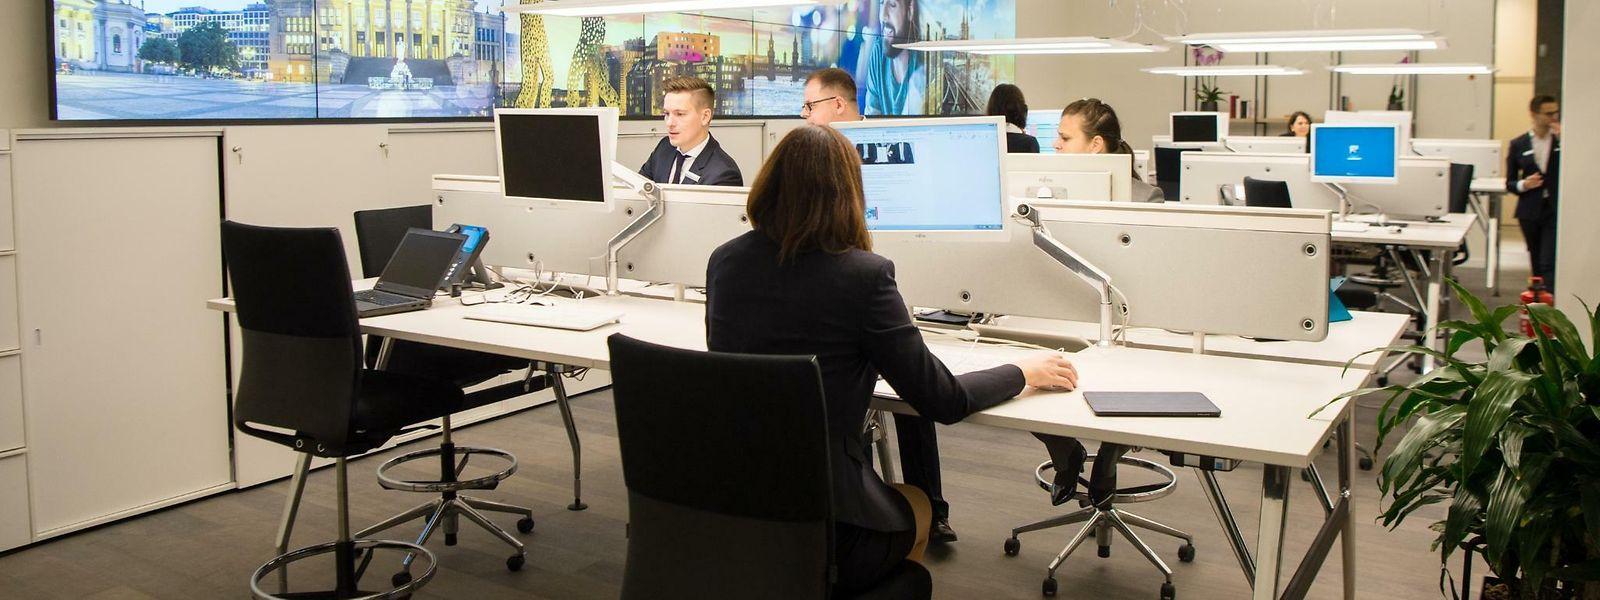 Les employés belges peuvent retourner au travail au bureau, le télétravail n'étant plus obligatoire.